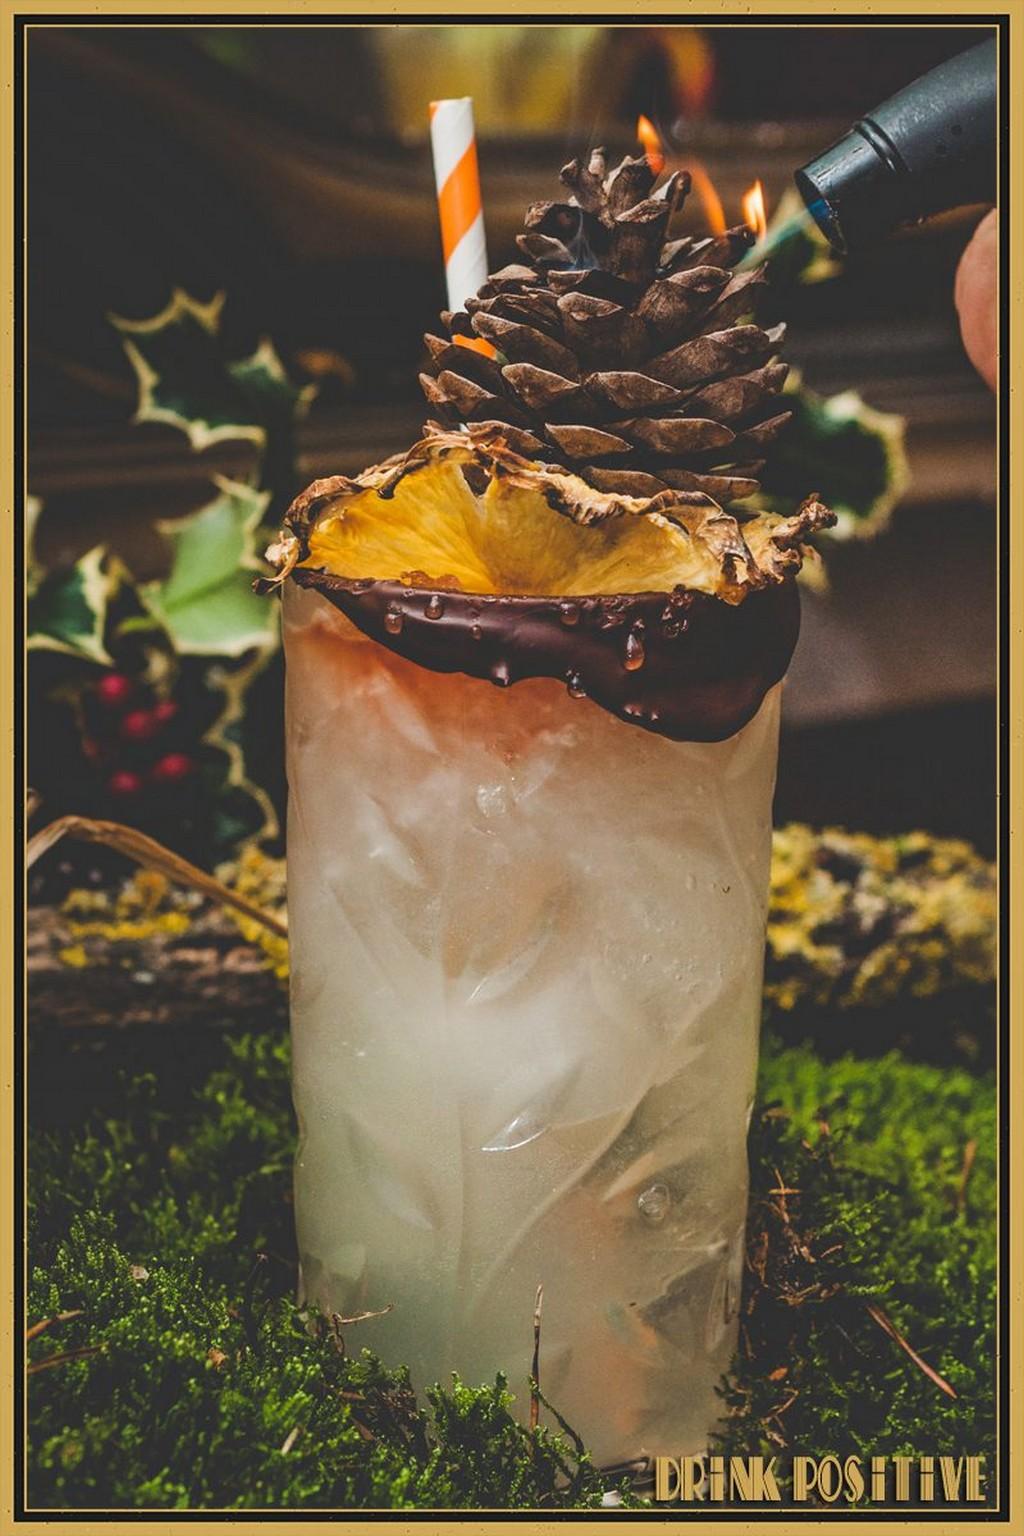 fabio_camboni_Gaeta_Drink_Positive_consulenze__apertura_locali_corsi_barman_153